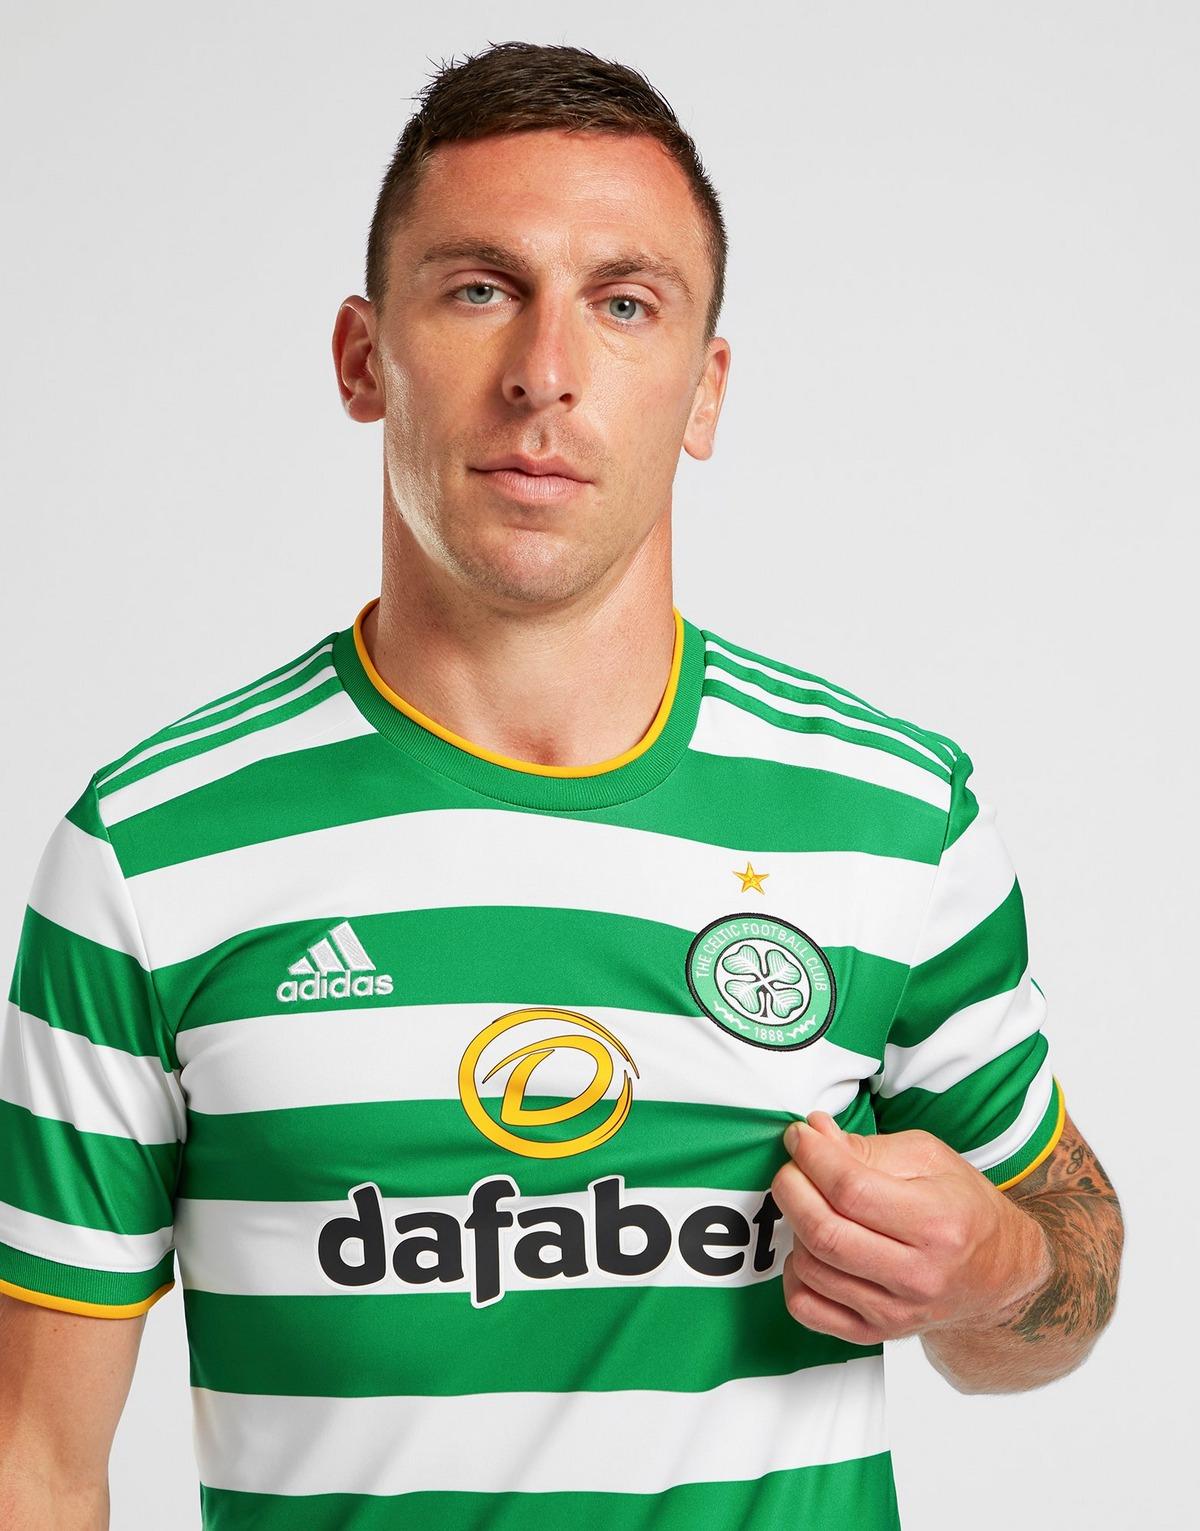 adidas Celtic Glasgow 2020/21 Home Shirt Herren alle Größen